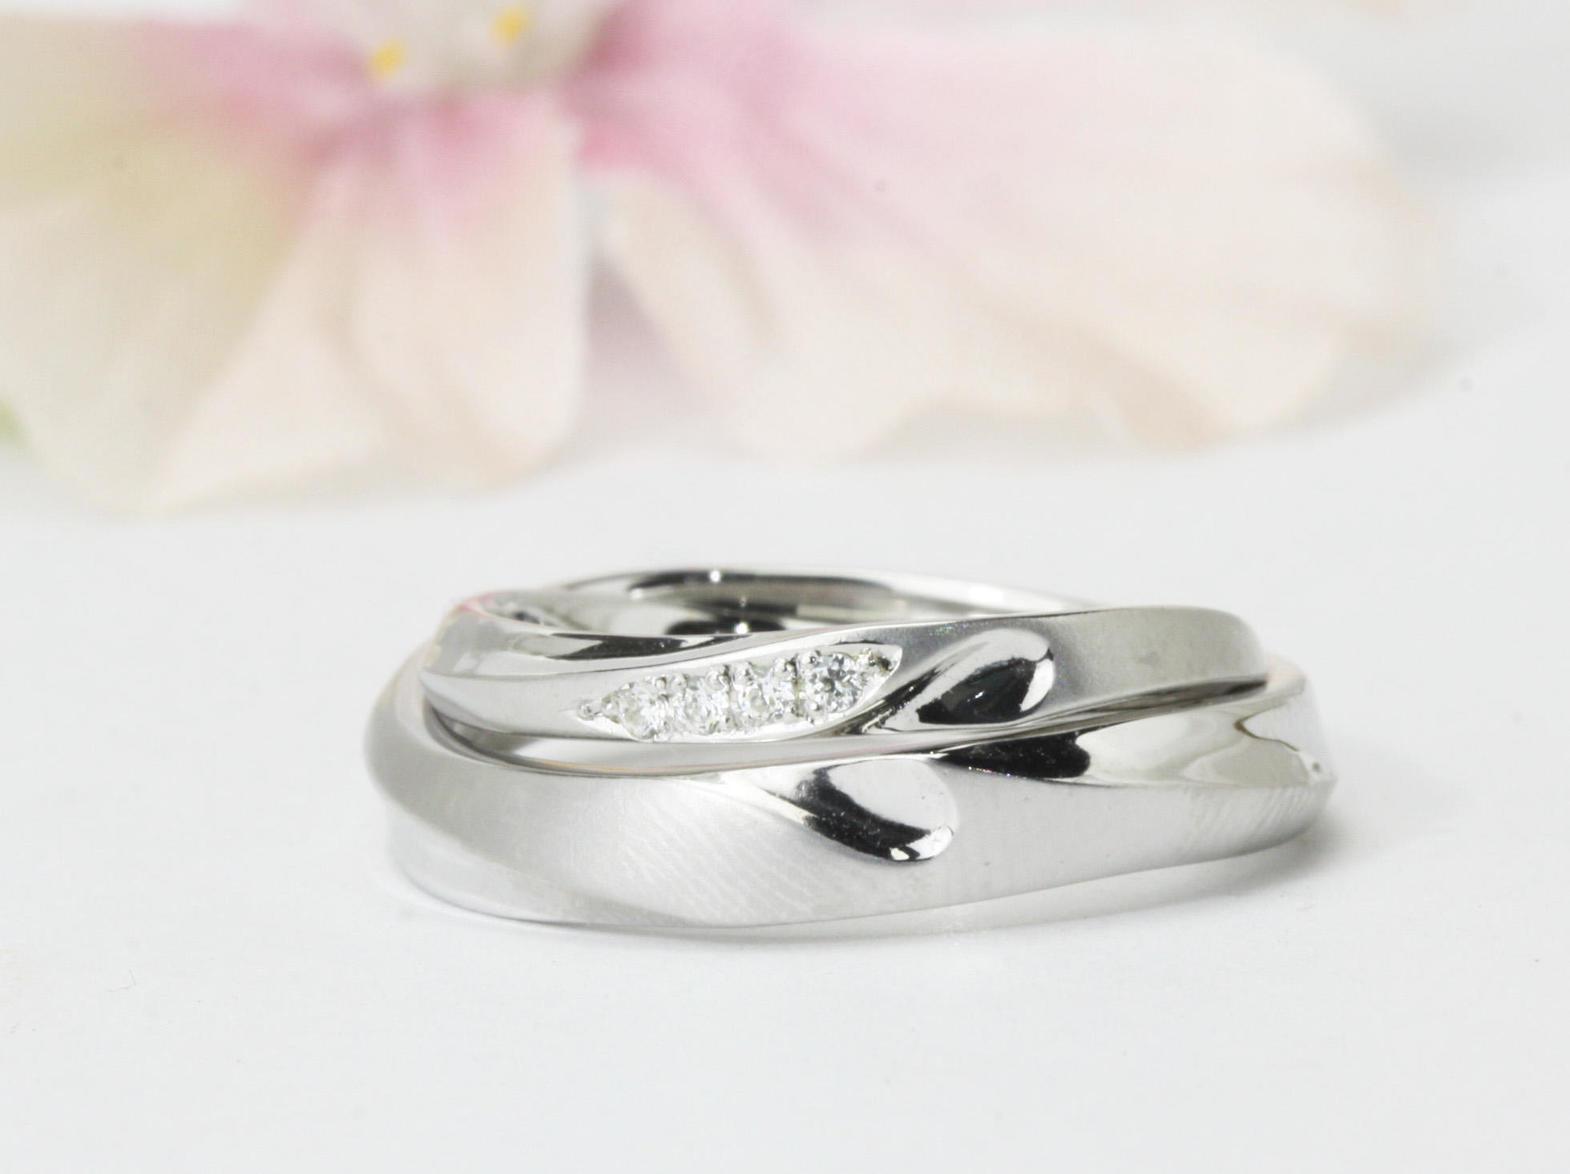 合わせるとハートモチーフが現れる結婚指輪